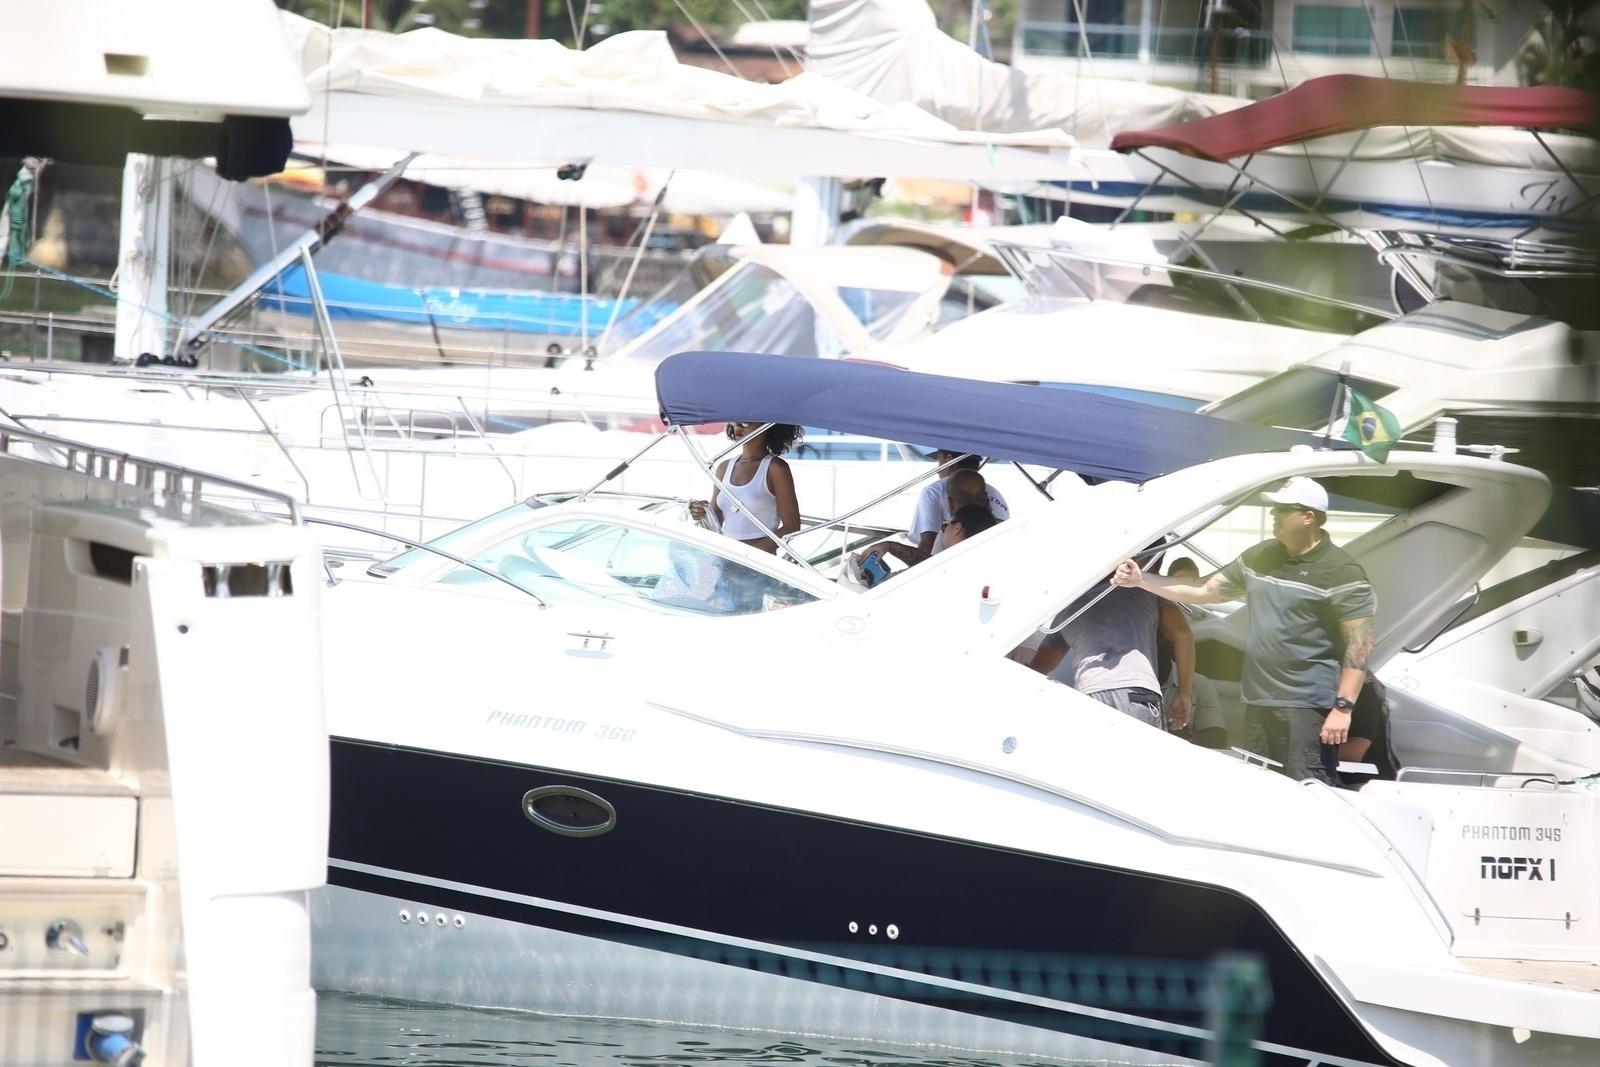 13.jan.2014 - Em Angra dos Reis, no Rio de Janeiro, Rihanna embarca em lancha para fotografar em uma ilha. A cantora está no Brasil para fotografar para a revista